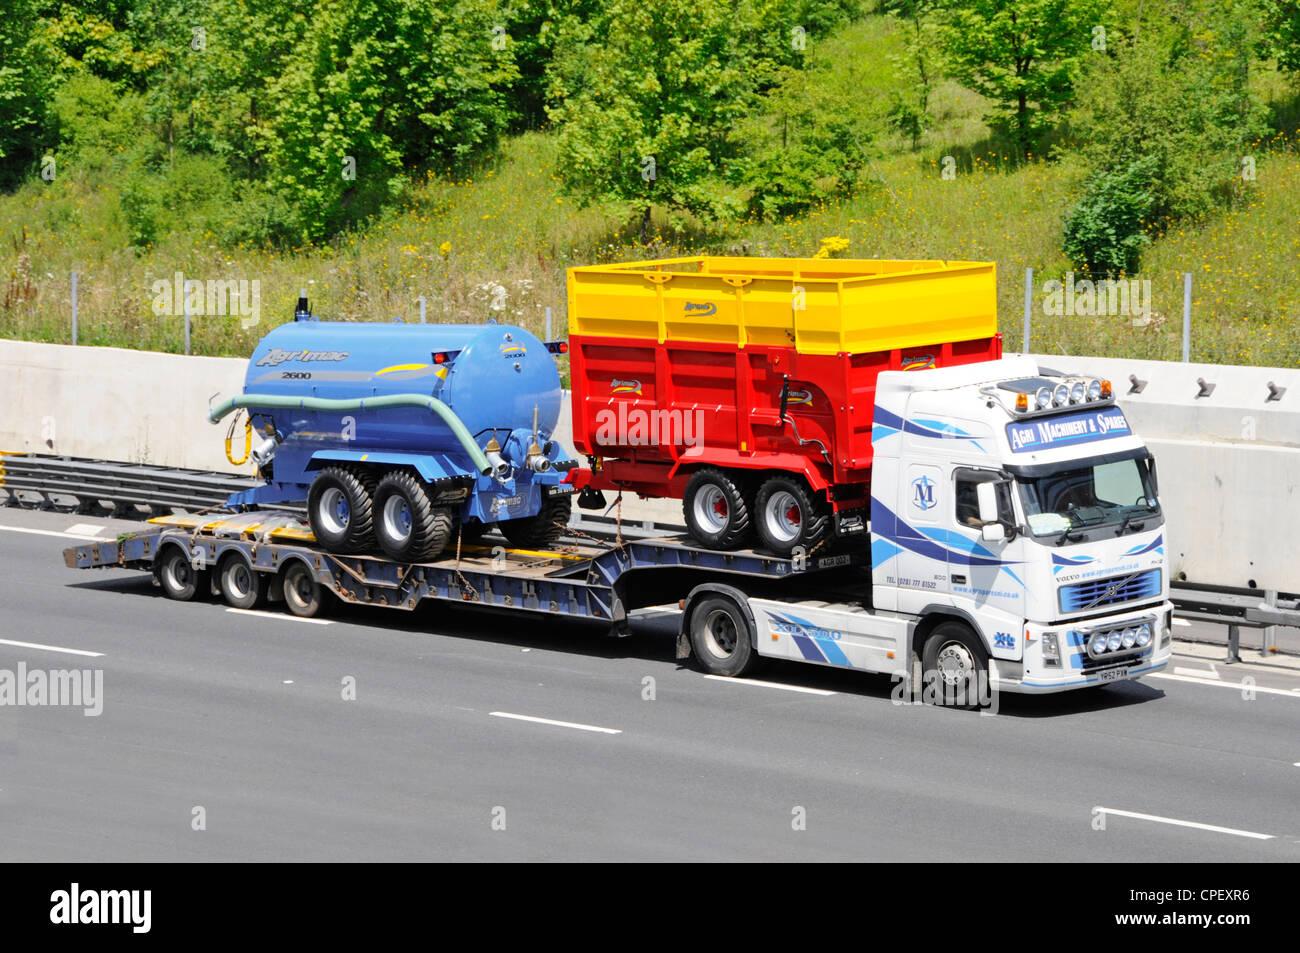 Tieflader und neue Agrimac Landmaschinen hinter einen Volvo-Lkw Stockbild